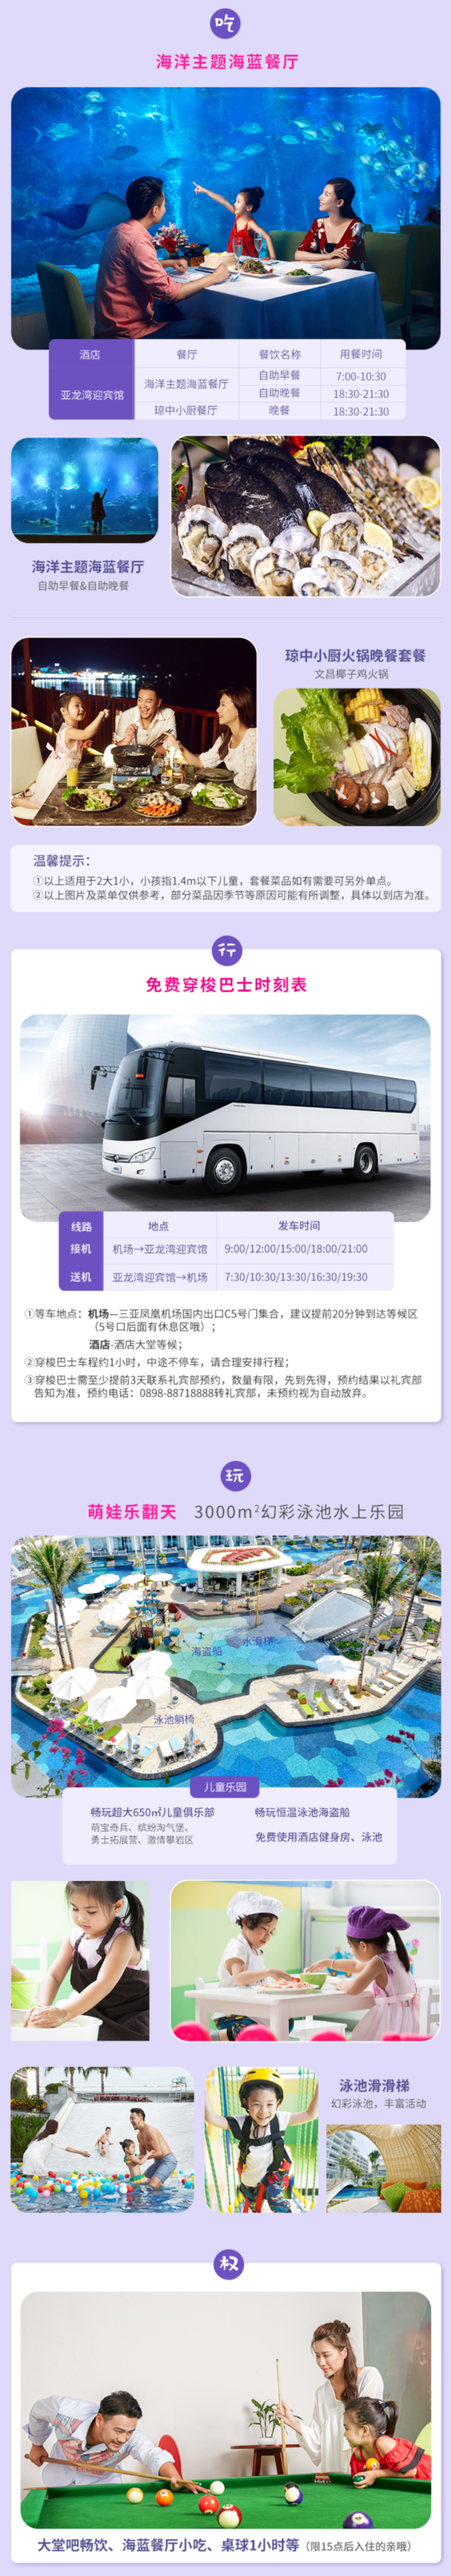 三亞華宇亞龍灣迎賓館酒店2-3晚套餐